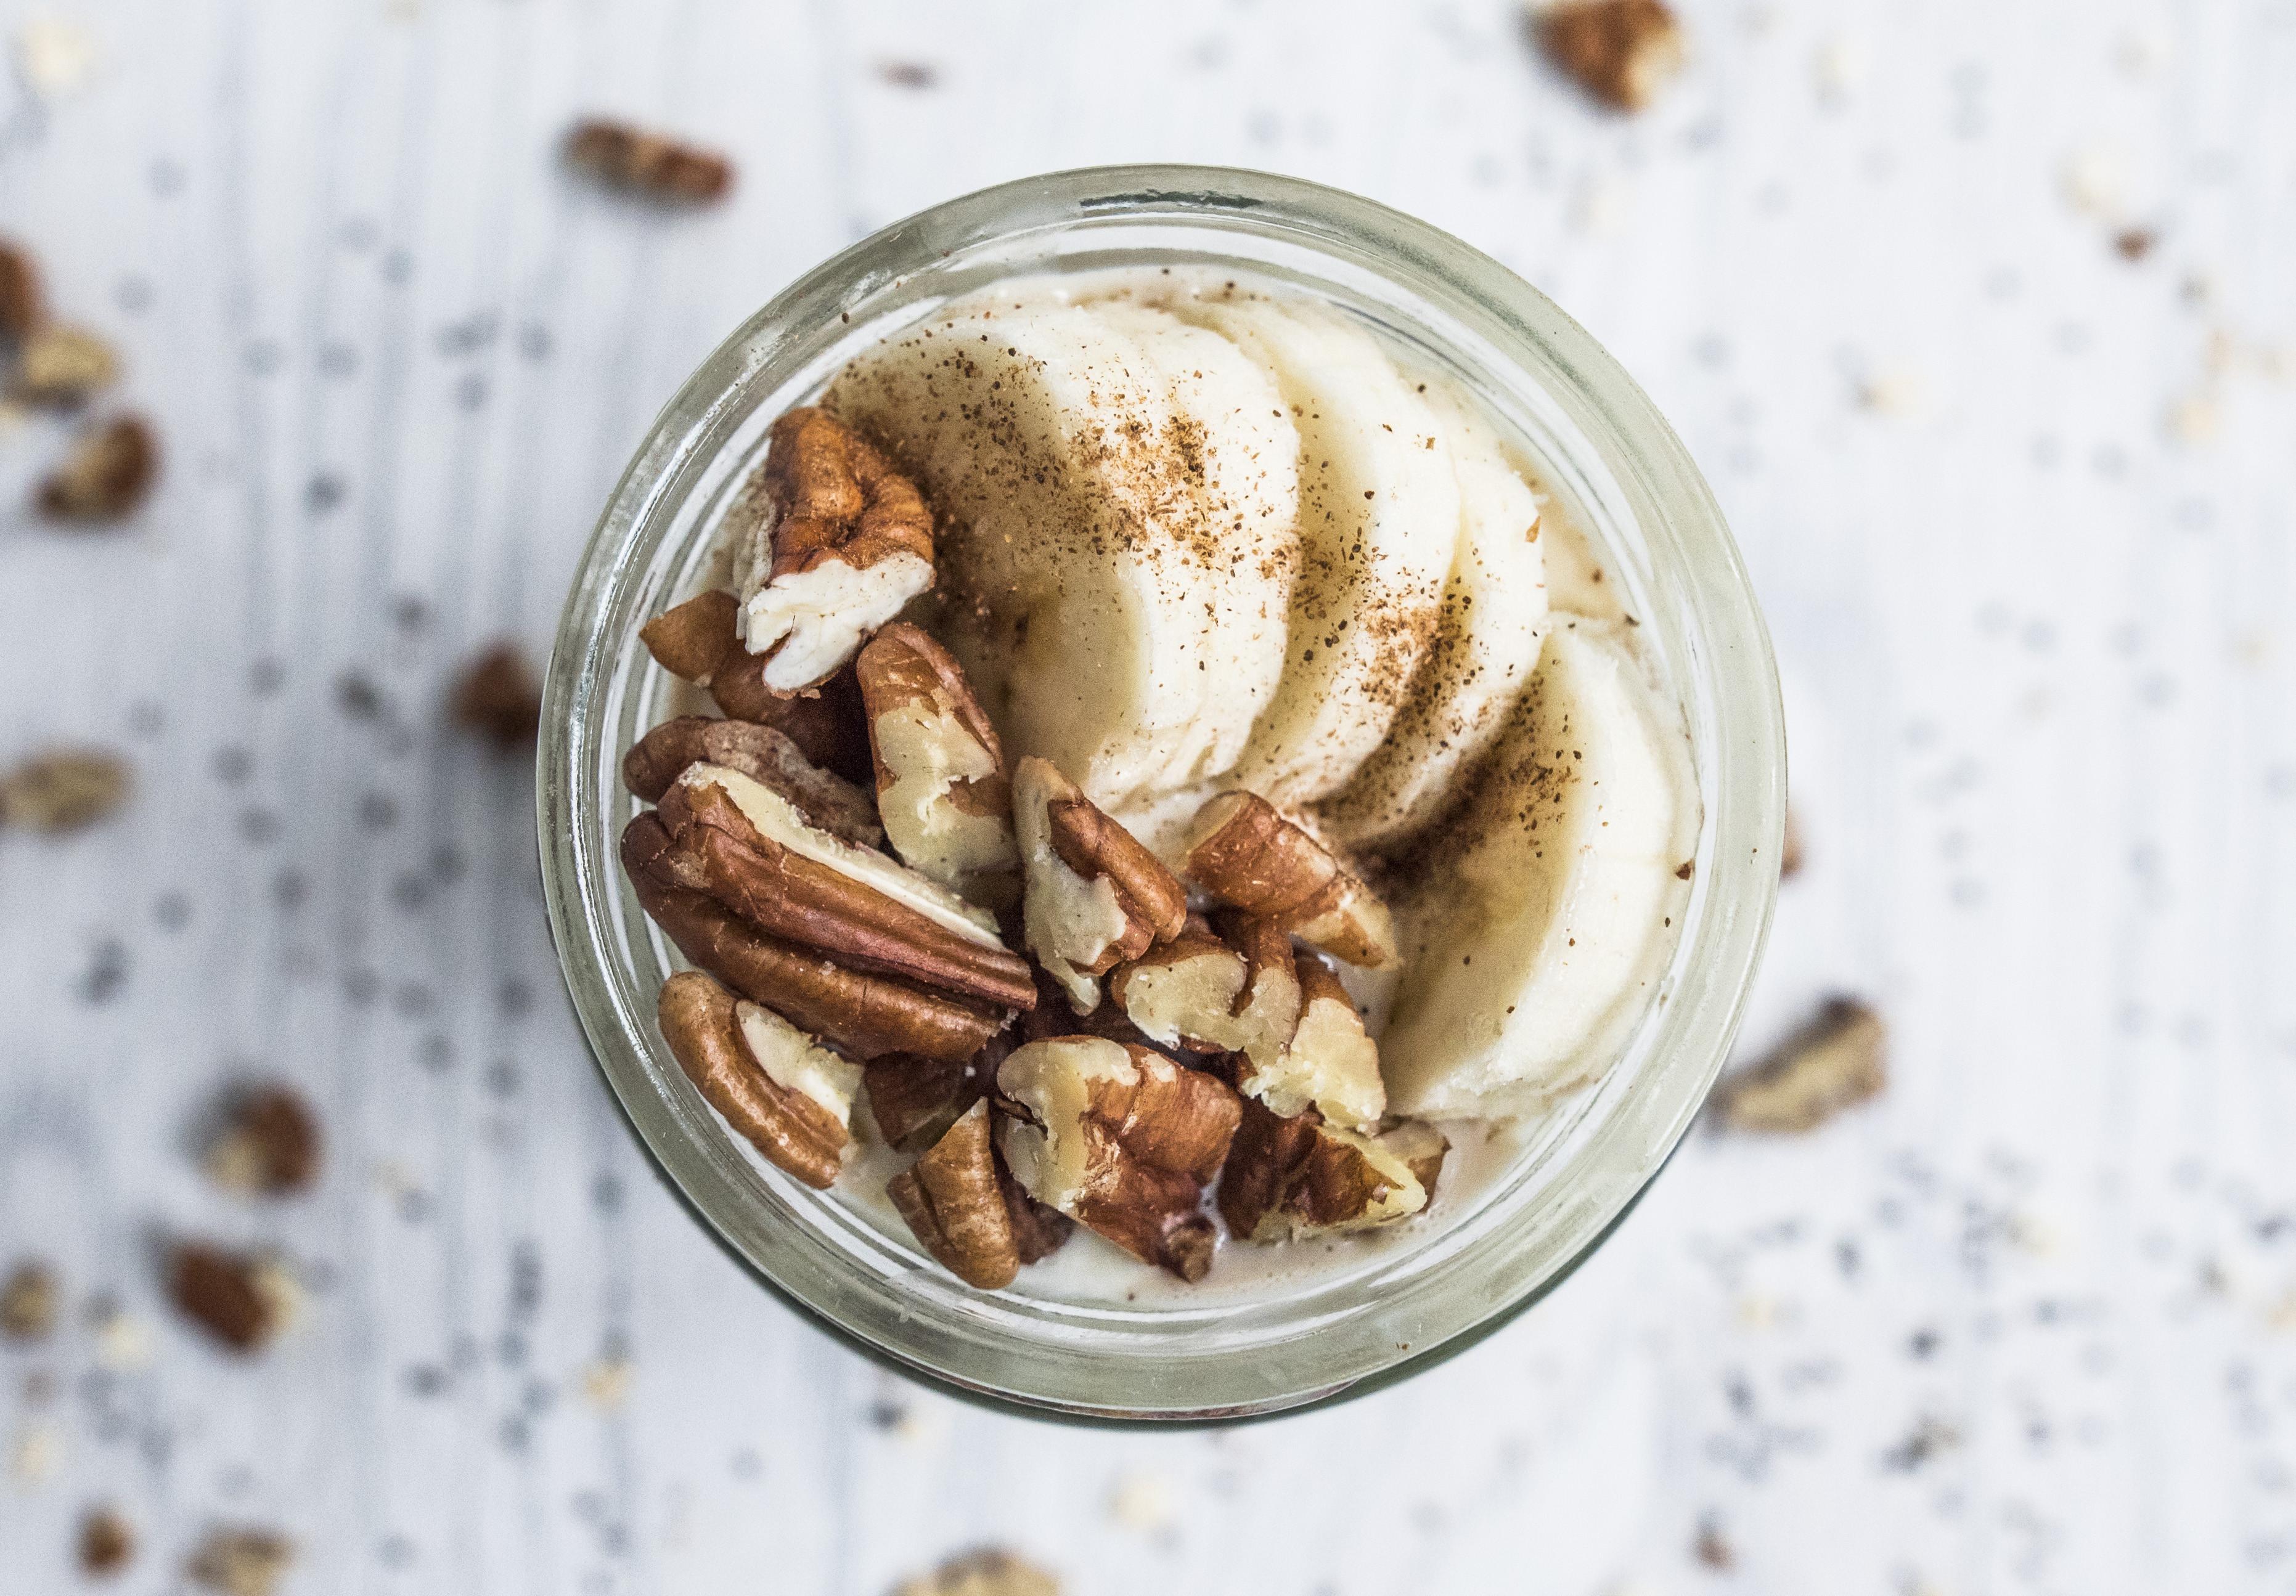 Healthy Banana Bread Recipe With Oats  Healthy banana bread overnight oats recipe Takes 5